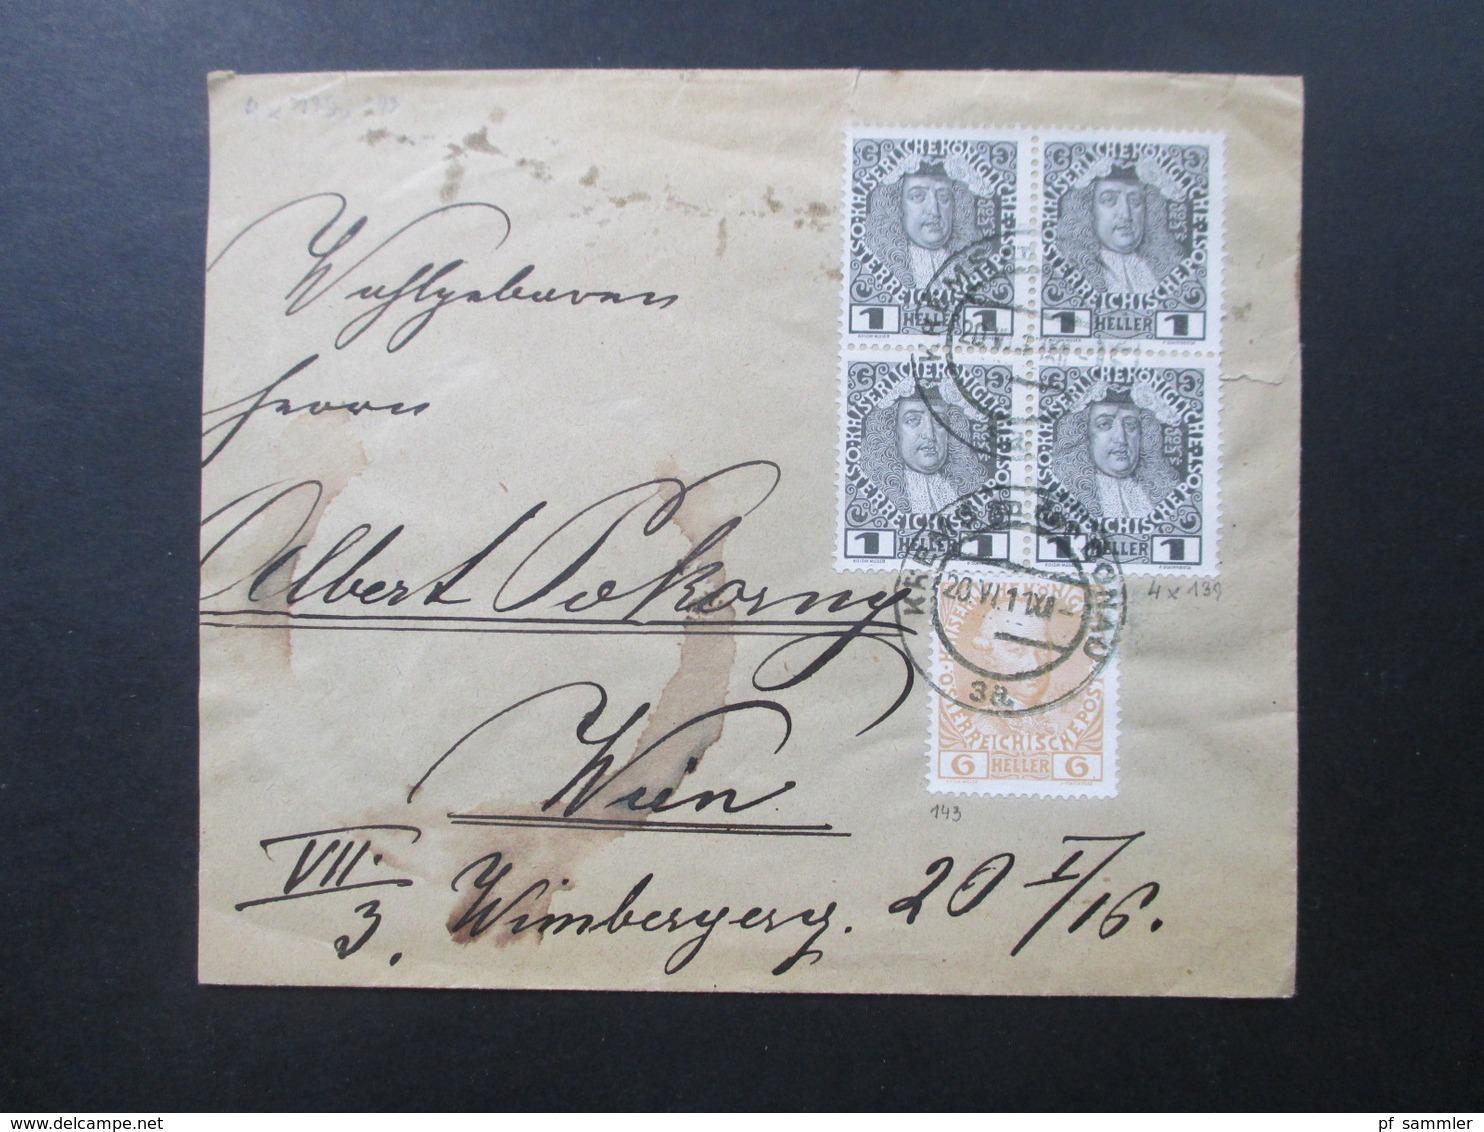 Österreich 1911 Brief Mit Nr. 139 Als 4er Block Und Nr. 143 MiF Vignette Bund Der Deutschen In Niederösterreich - 1850-1918 Imperium